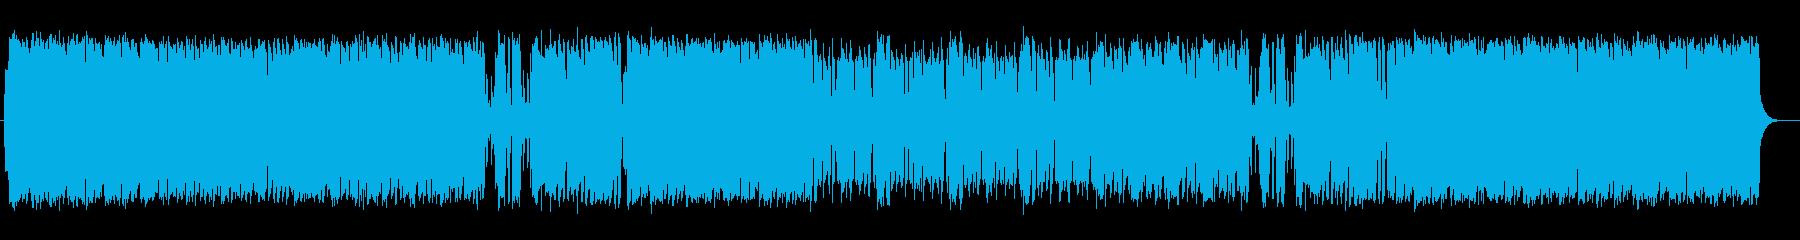 シンセサイザーと管楽器の明るいポップスの再生済みの波形